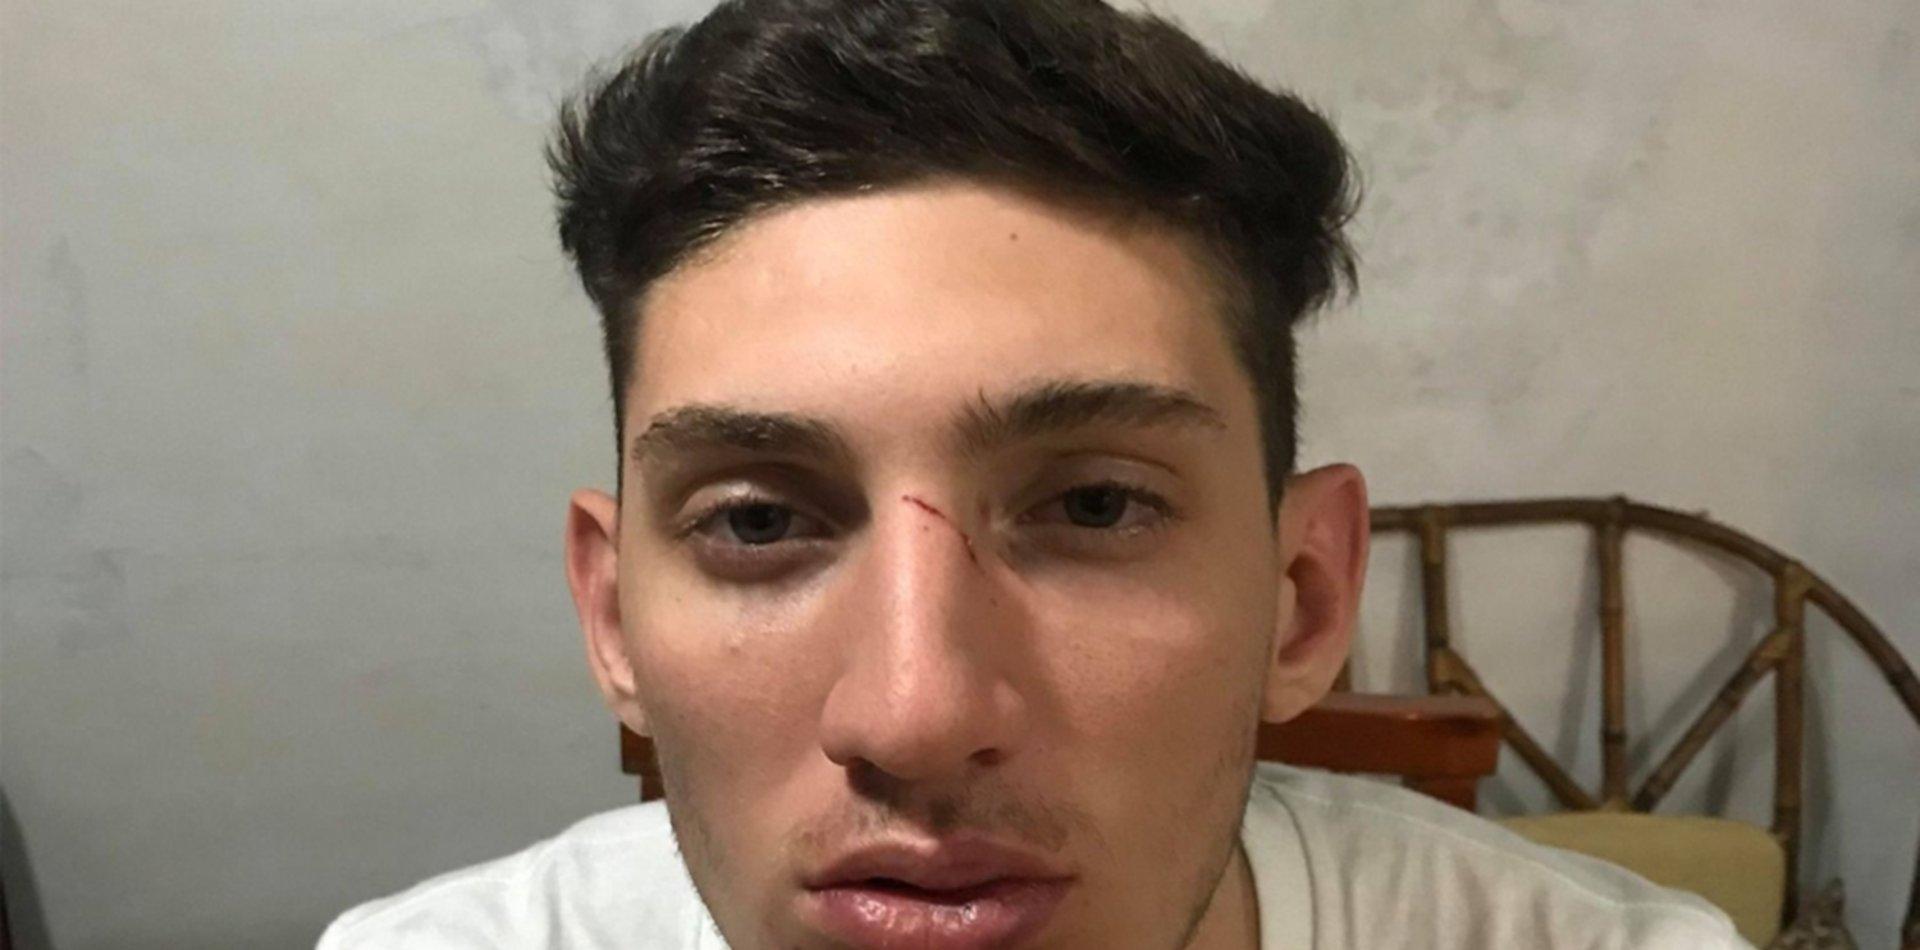 Archivaron la causa a un rugbier de La Plata acusado de lesionar a basquetbolista